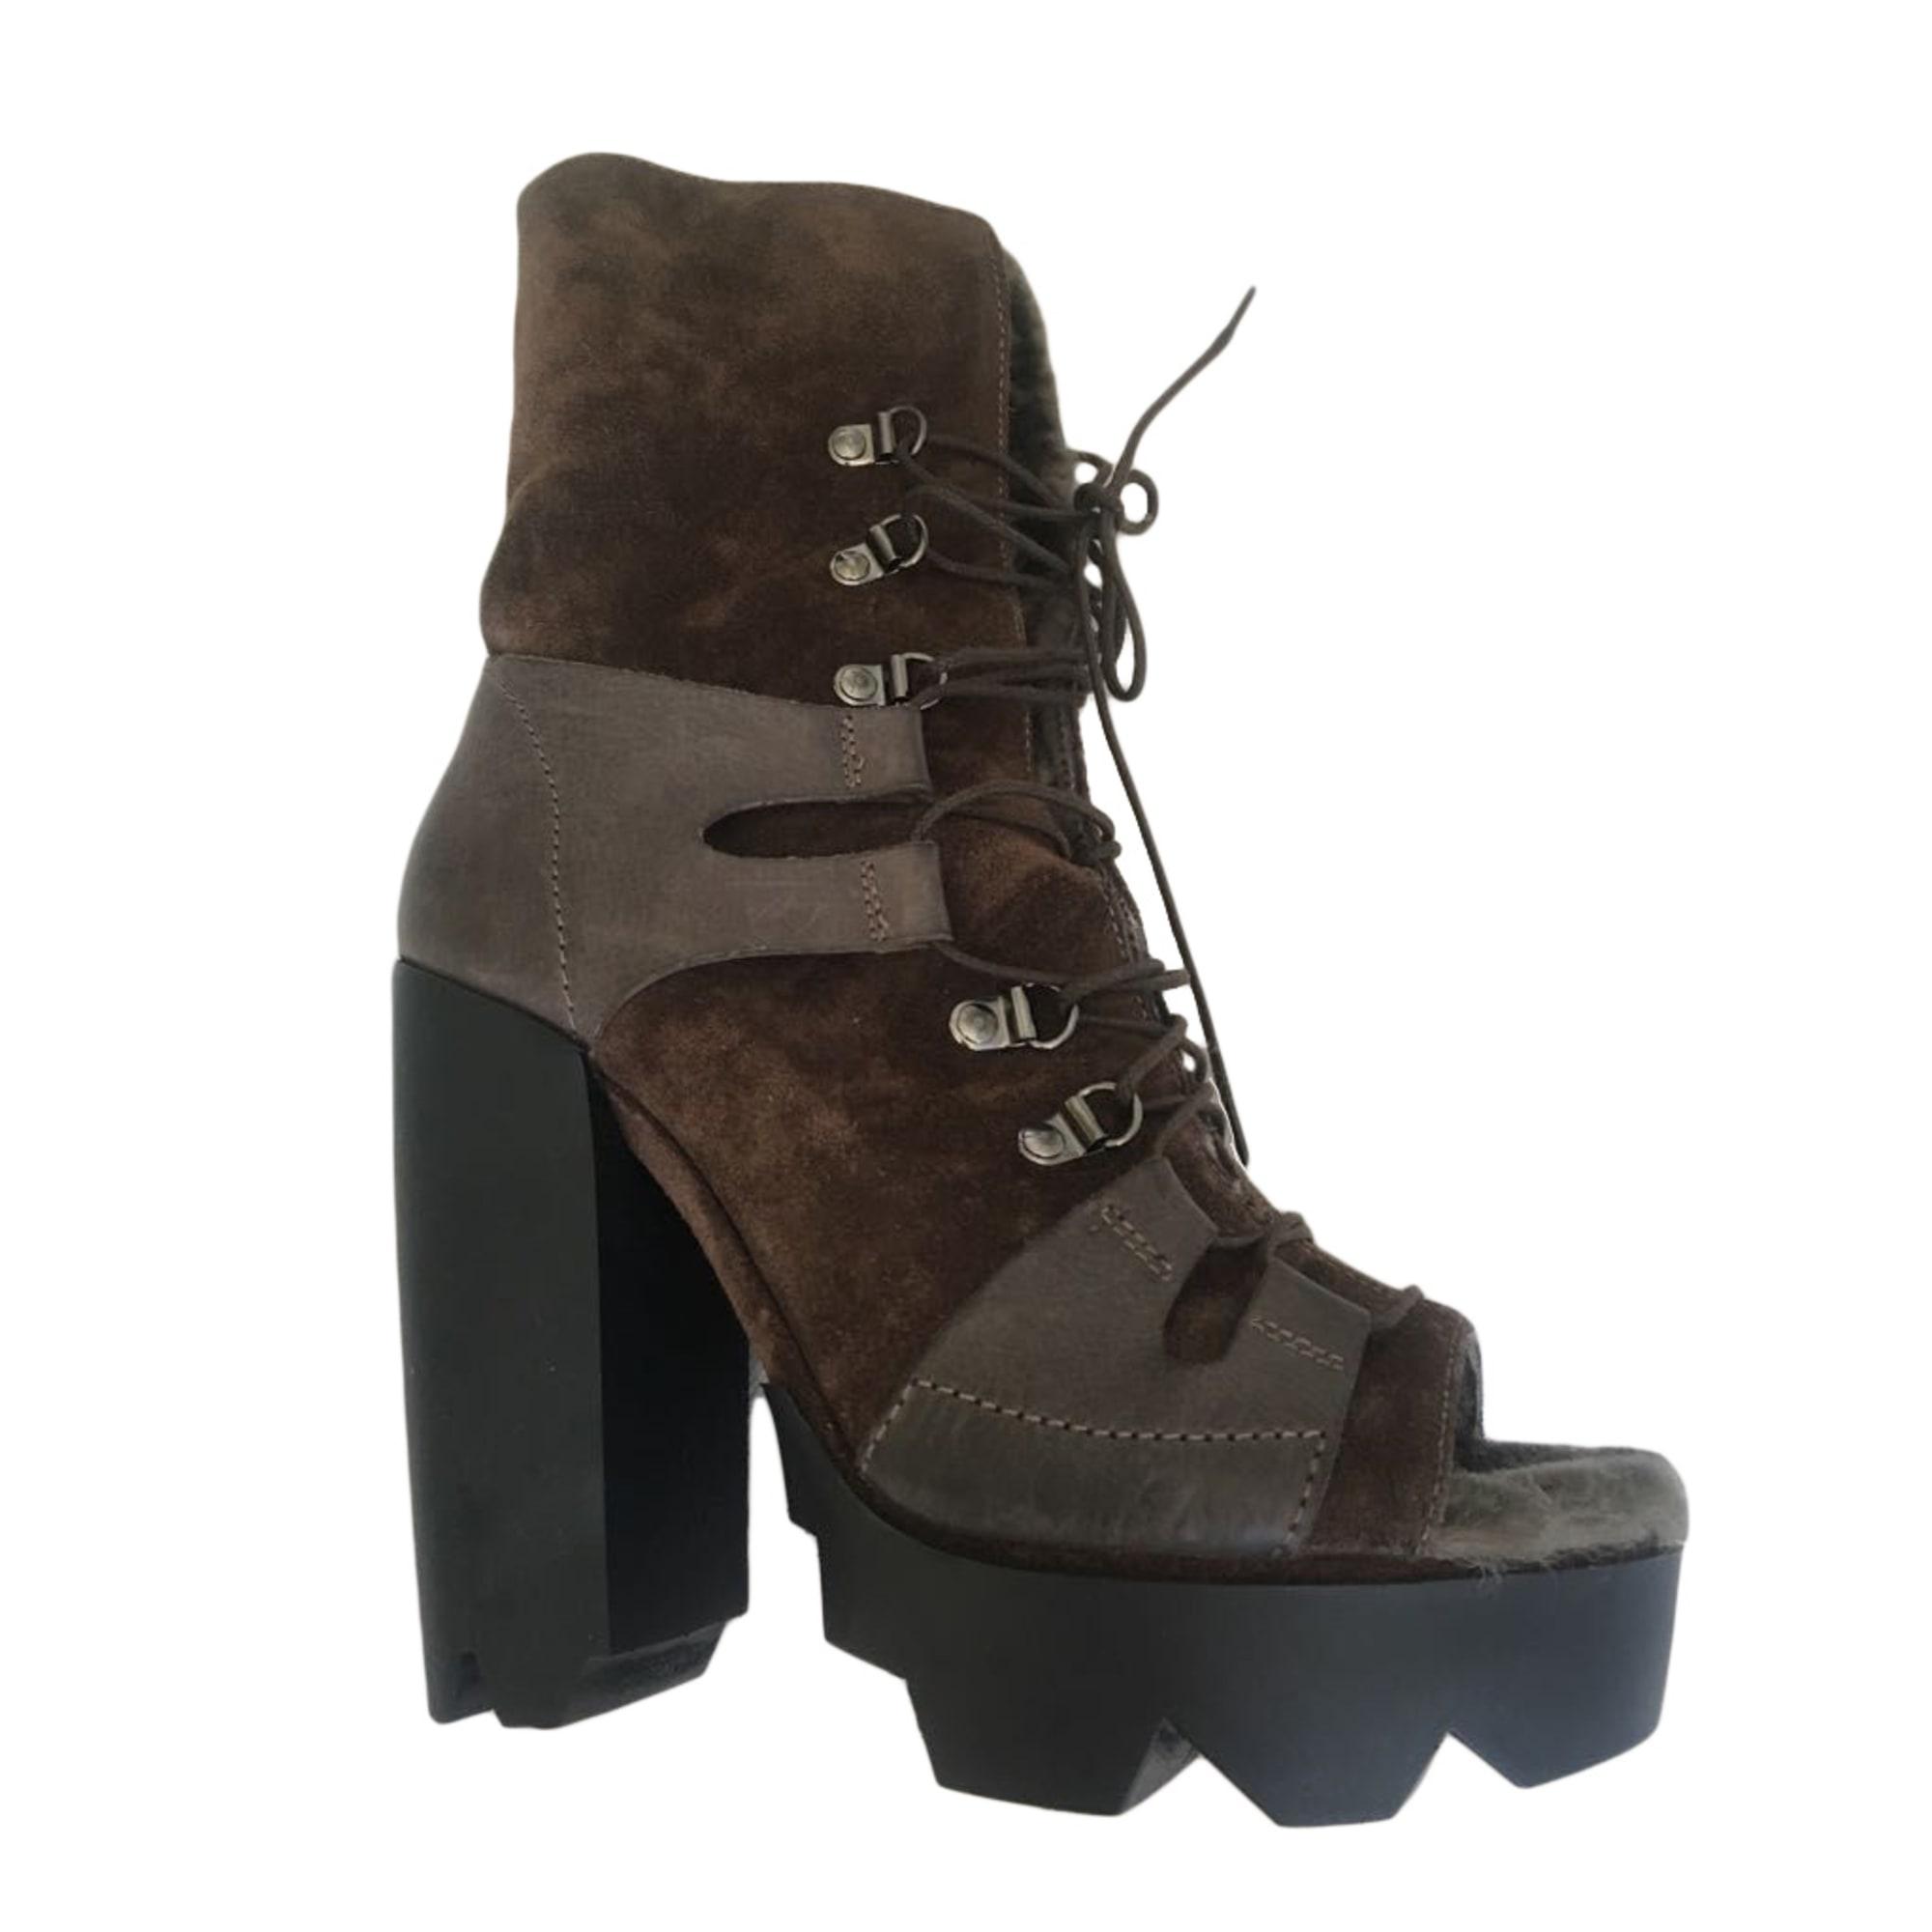 a99c9168e7d Bottines   low boots à talons VIC MATIÉ 39 marron - 7927621